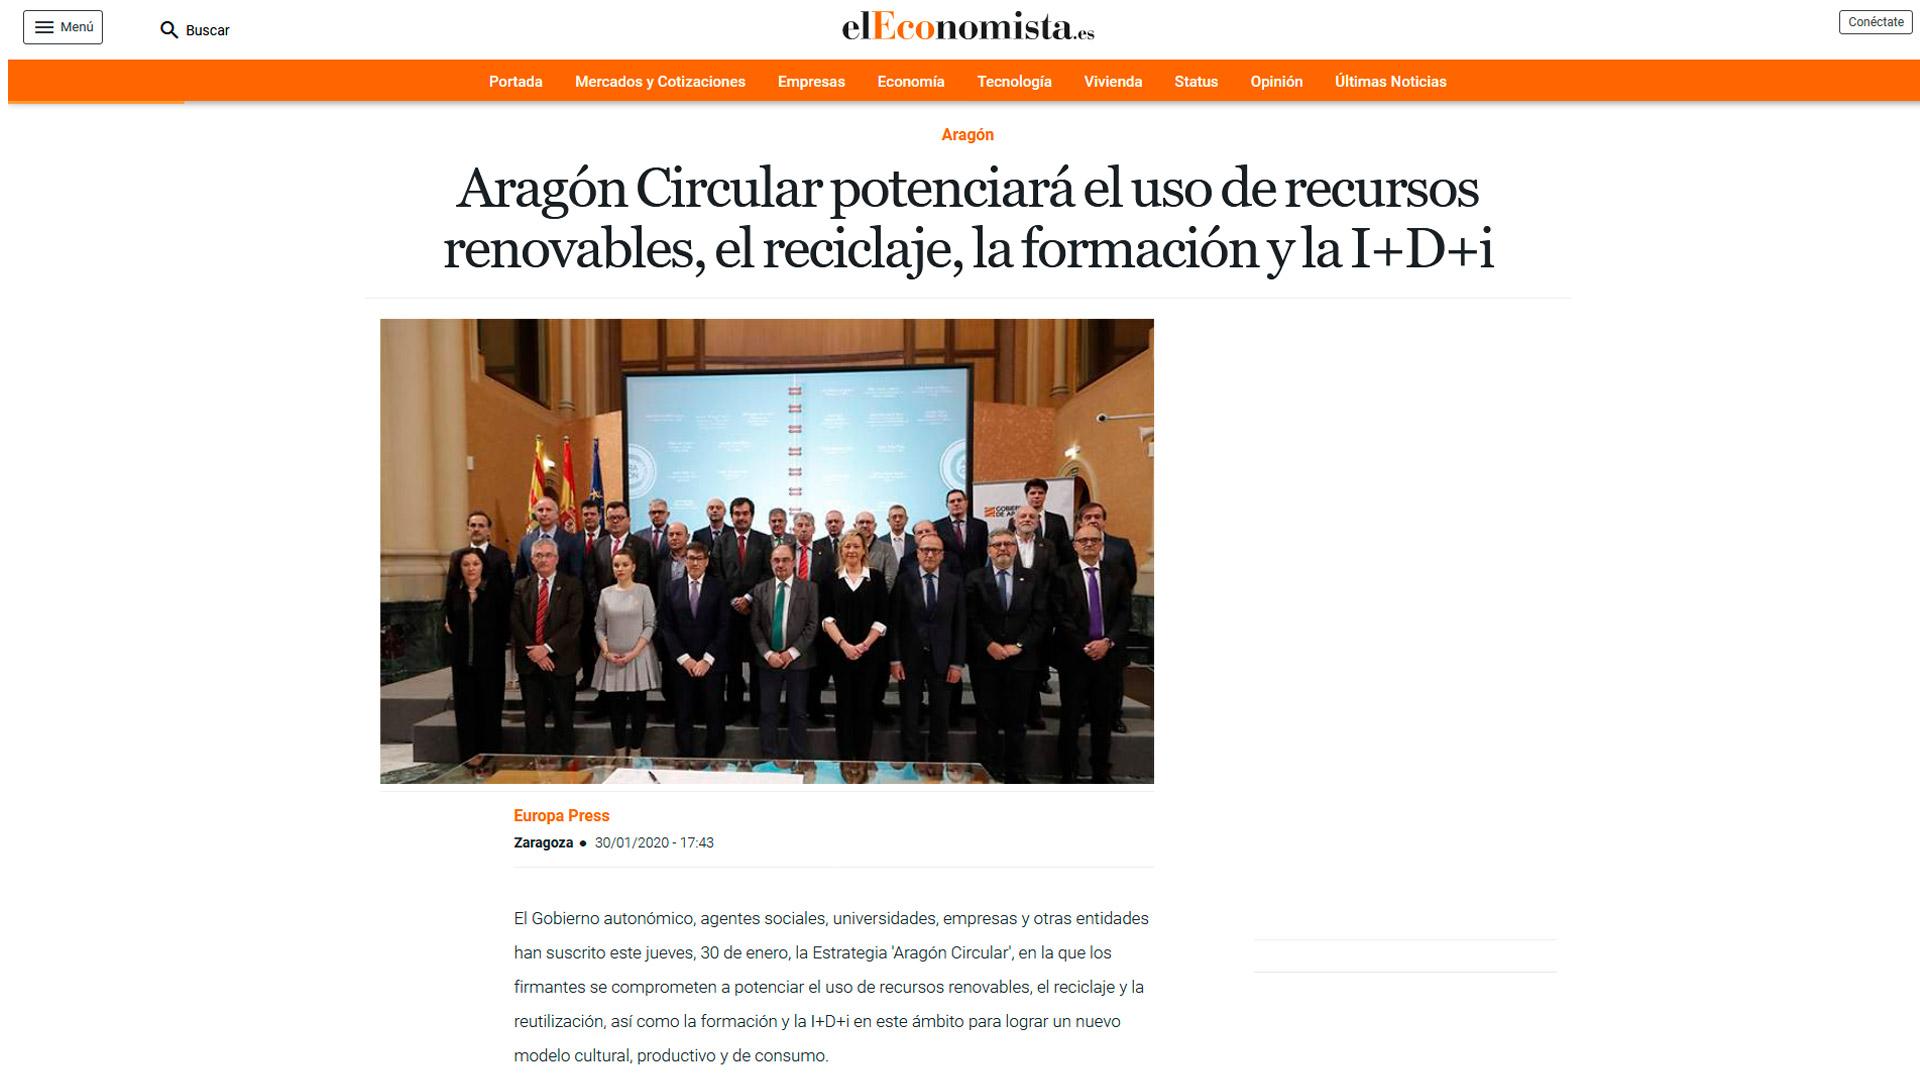 aragon-circular-el-economista